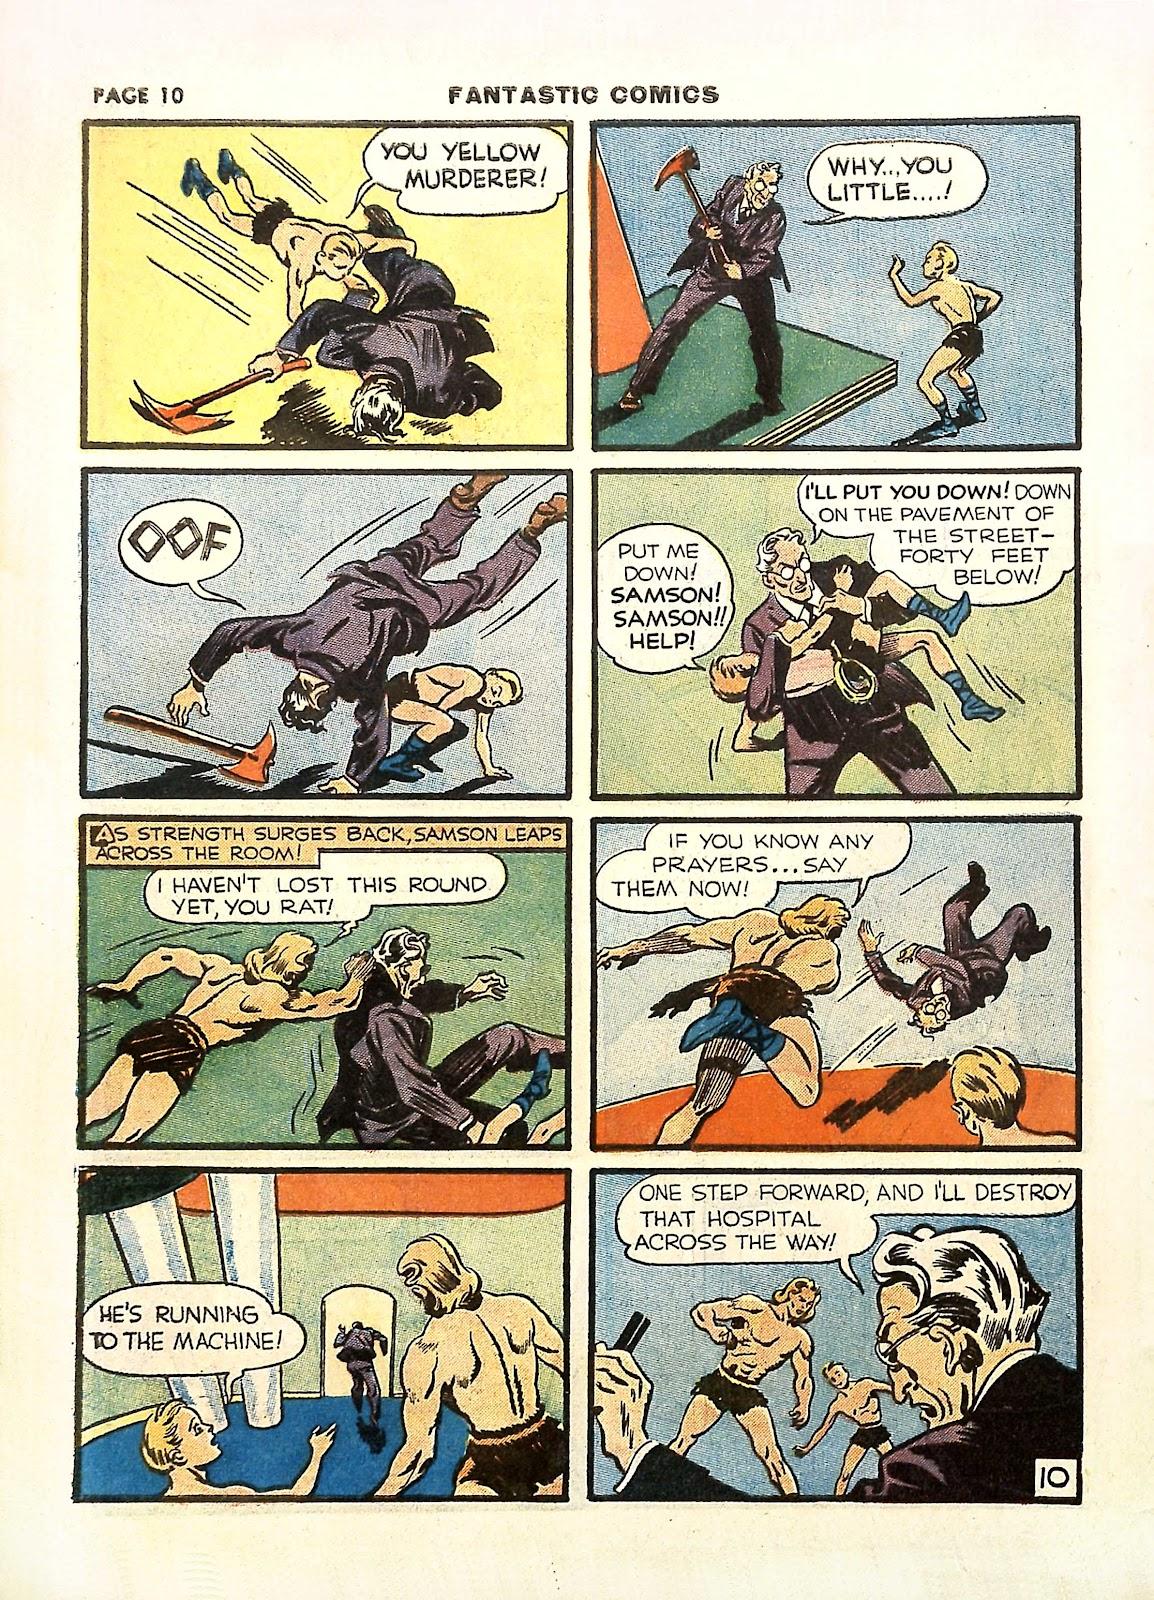 Read online Fantastic Comics comic -  Issue #11 - 13